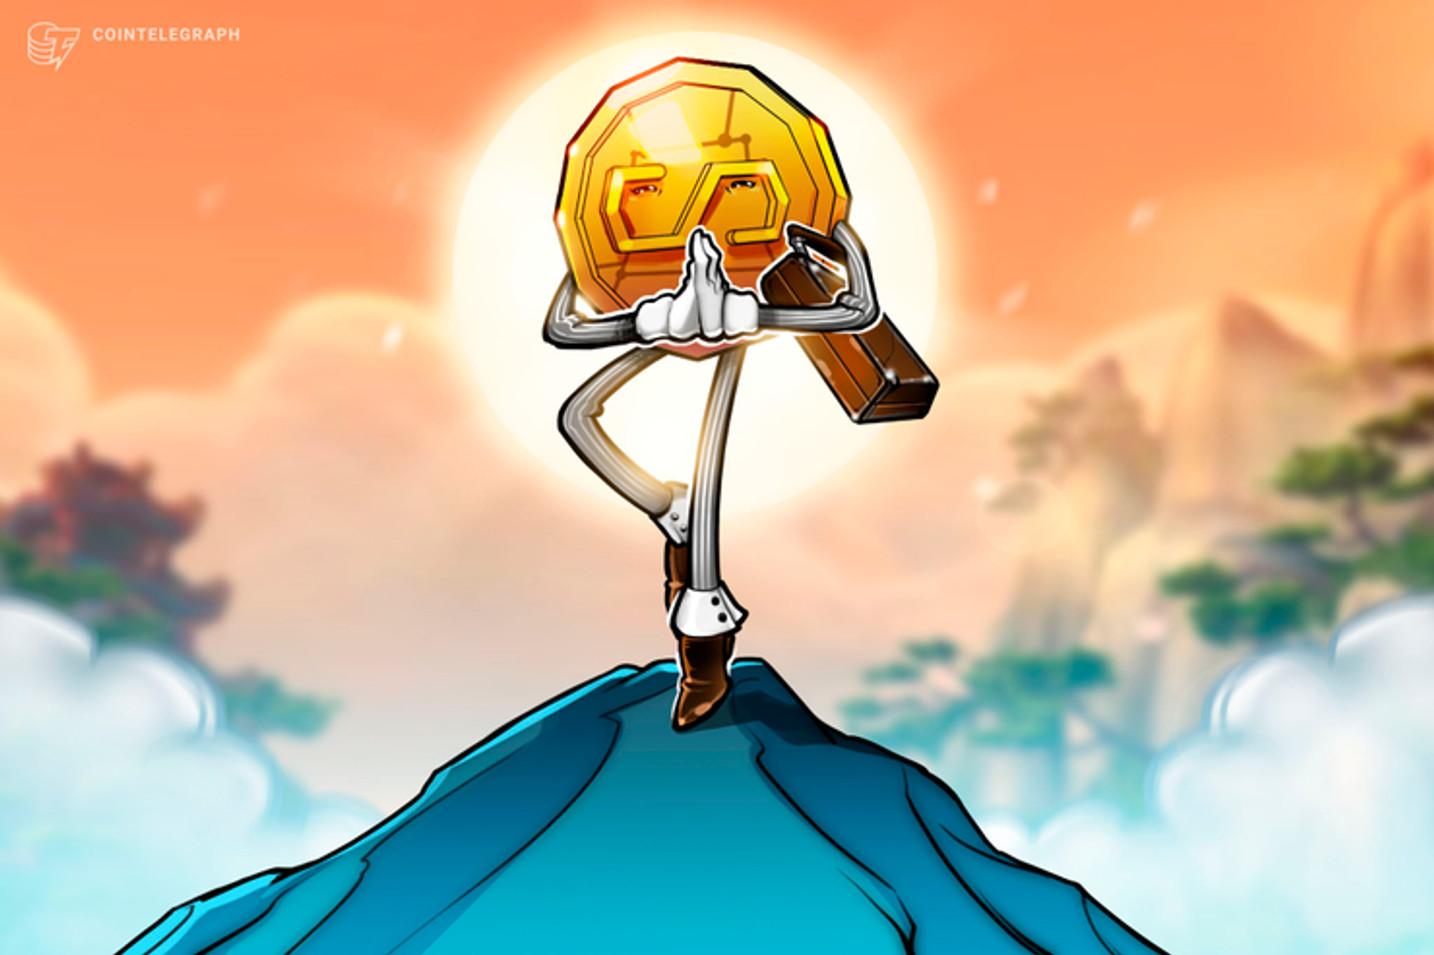 XDEX, plataforma de Bitcoin dos sócios da XP Investimentos, lança curso gratuito sobre Bitcoin